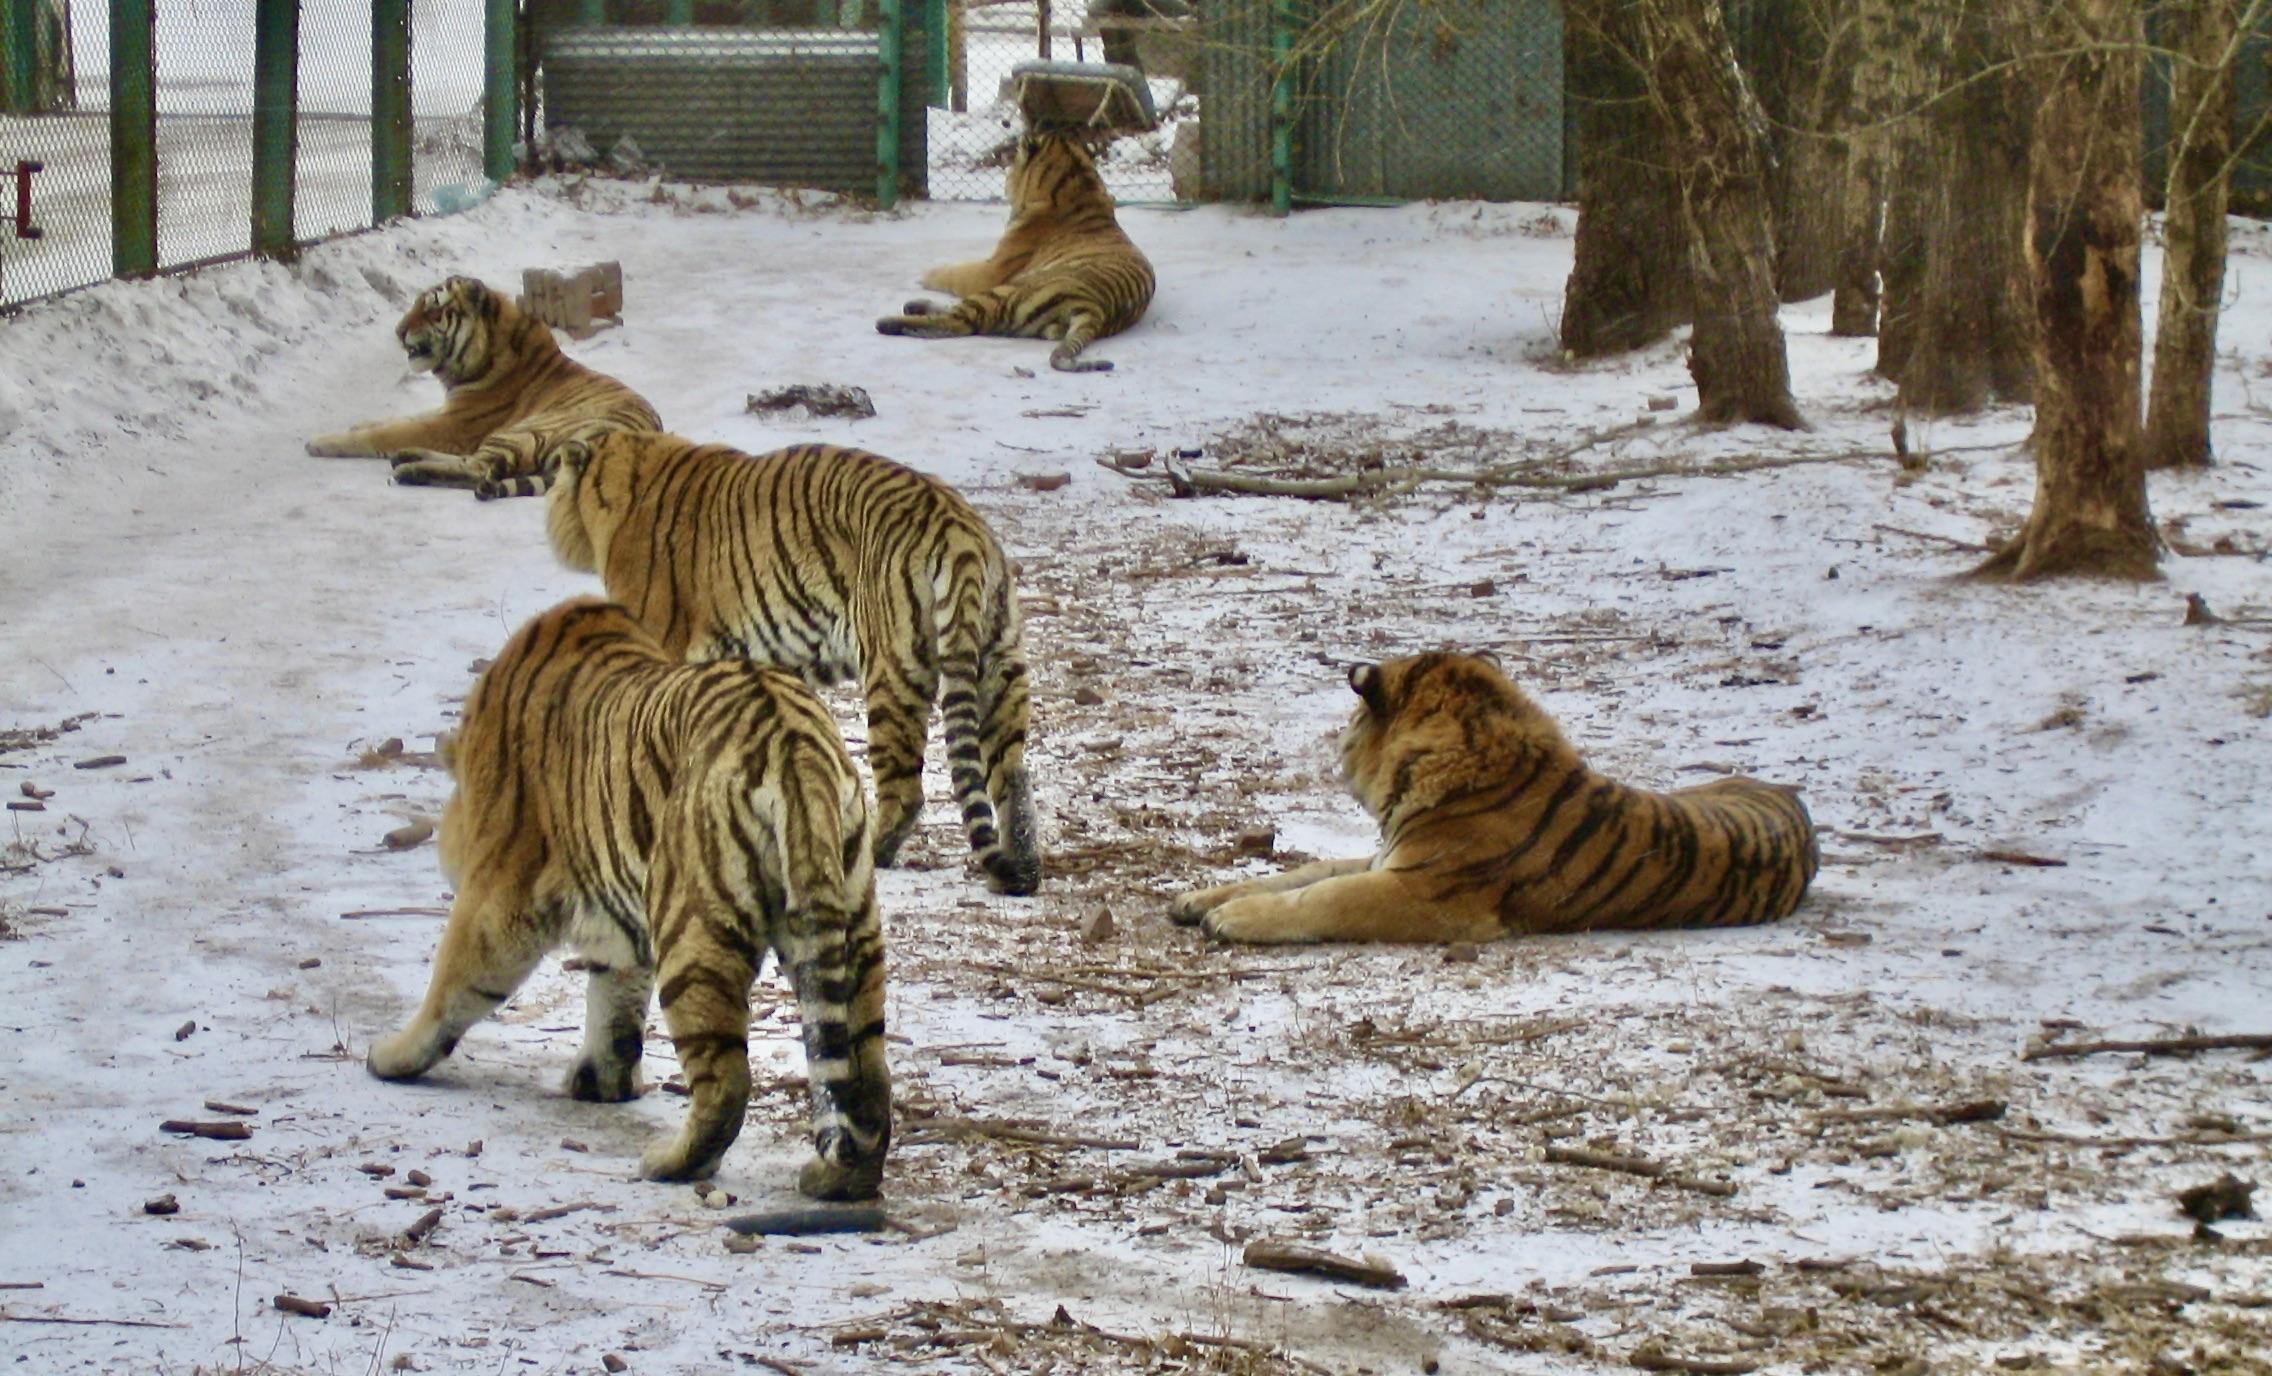 Här utanför Harbin är det inte en tiger i tanken som gäller utan många.